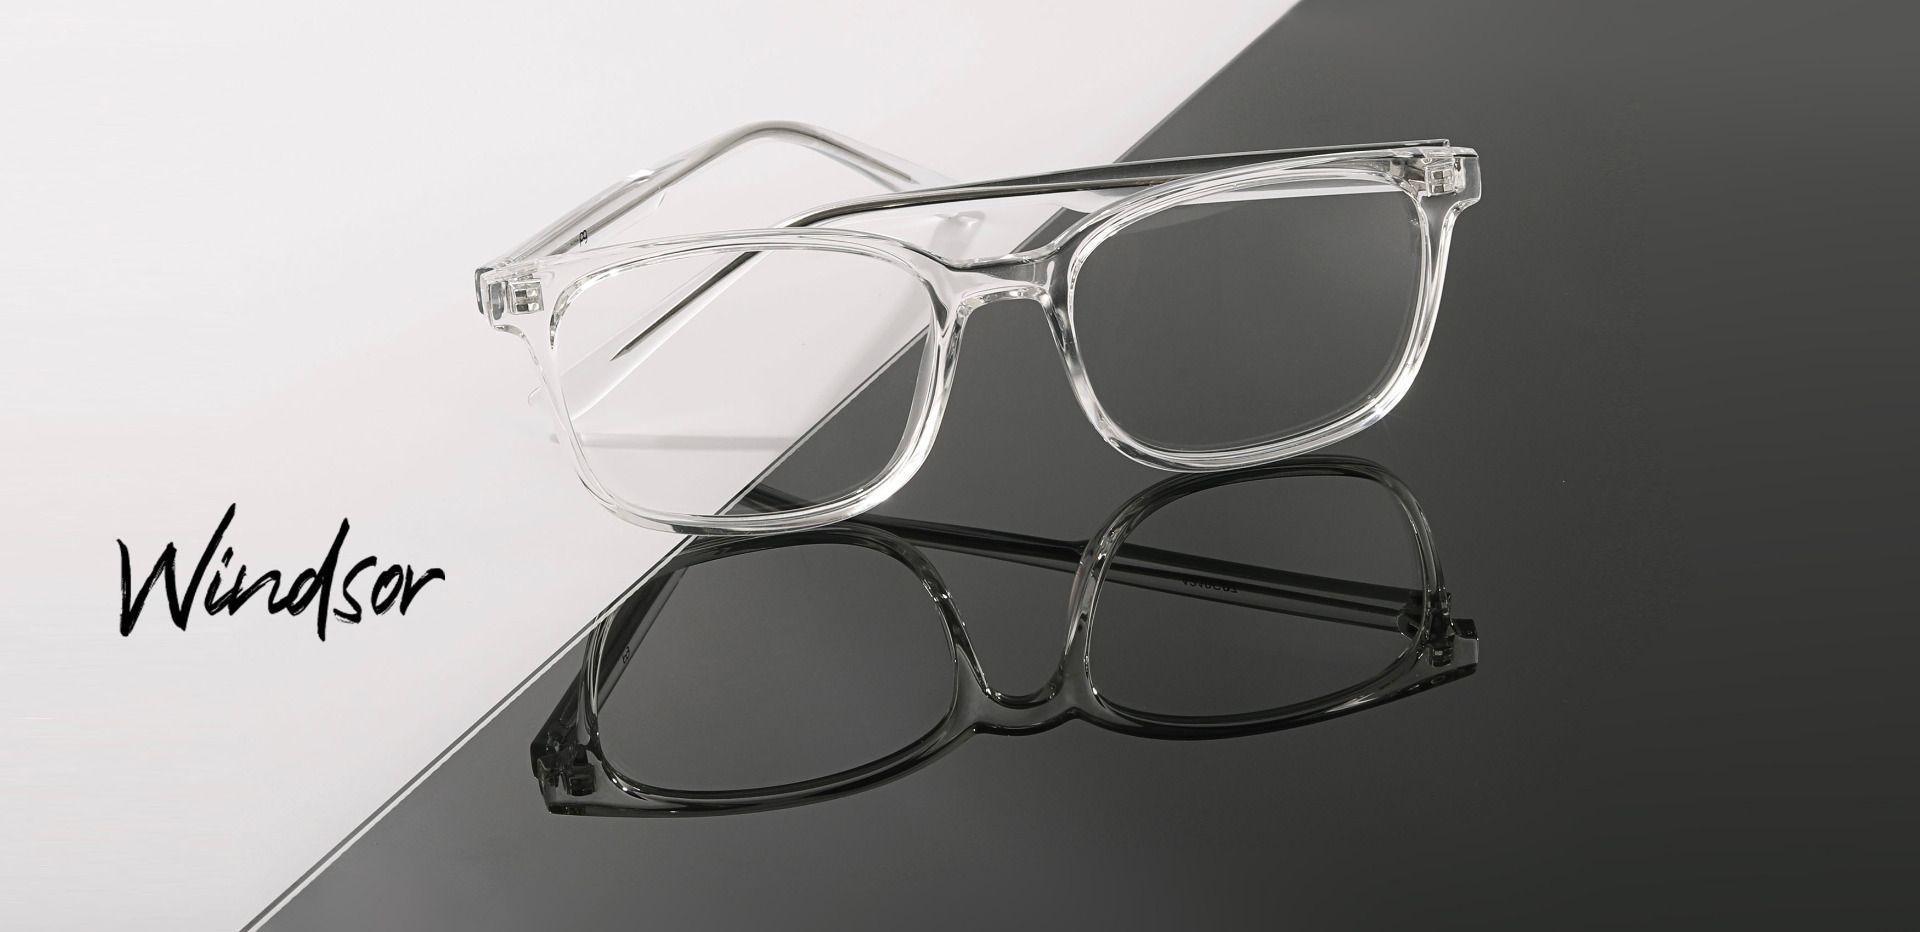 Windsor Rectangle Eyeglasses Frame - Crystal